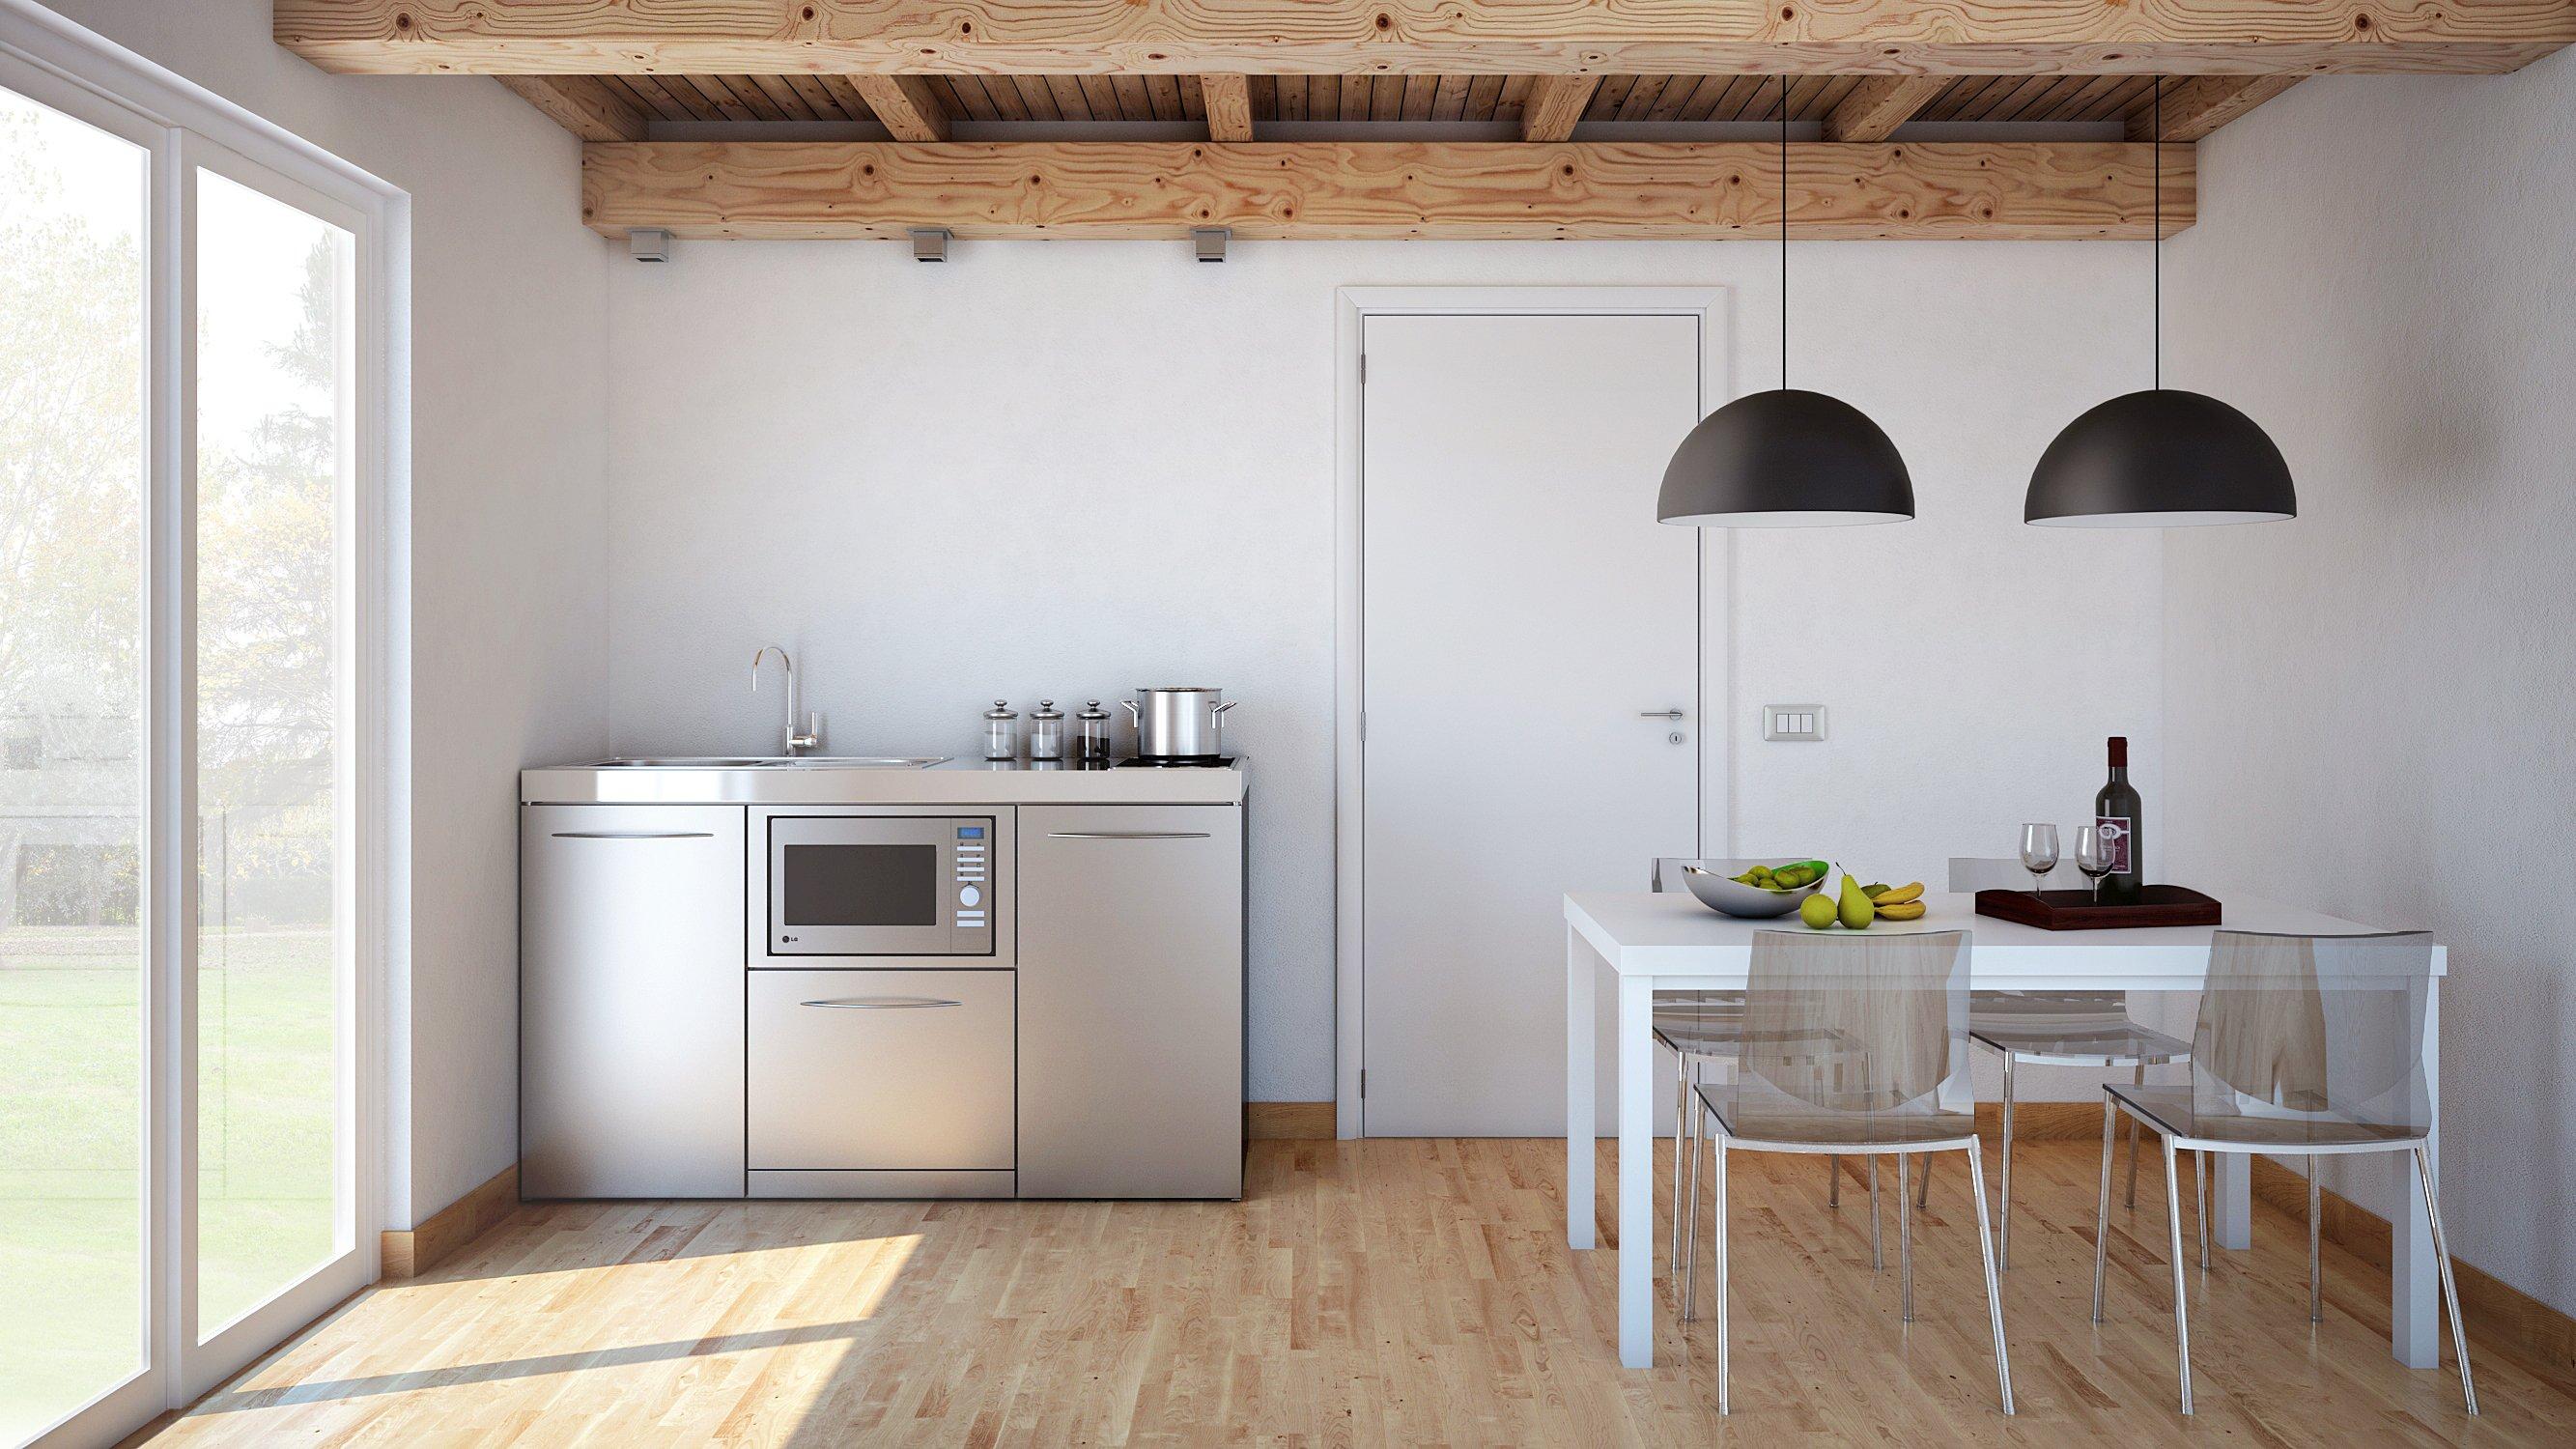 Blocco Cucina Ikea - Idee Per La Casa - Syafir.com